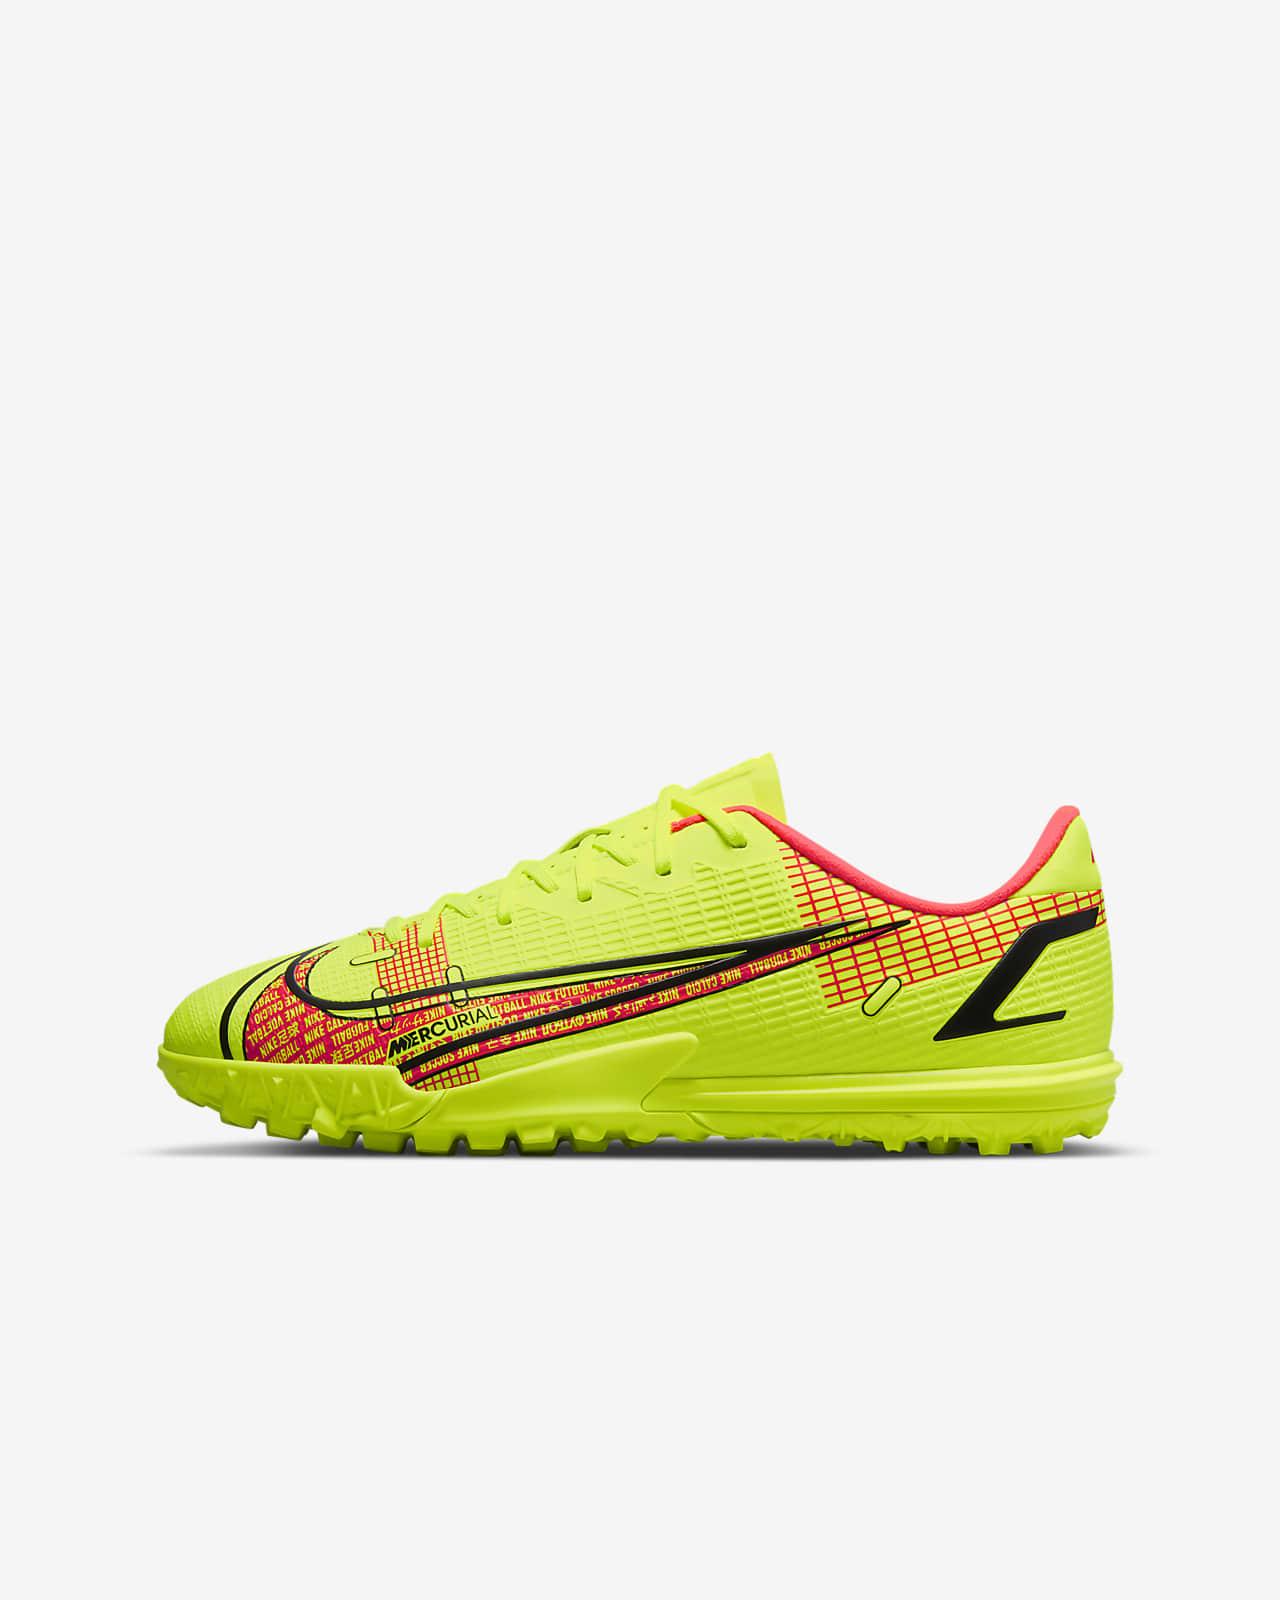 Buty piłkarskie na nawierzchnię typu turf dla małych/dużych dzieci Nike Jr. Mercurial Vapor 14 Academy TF